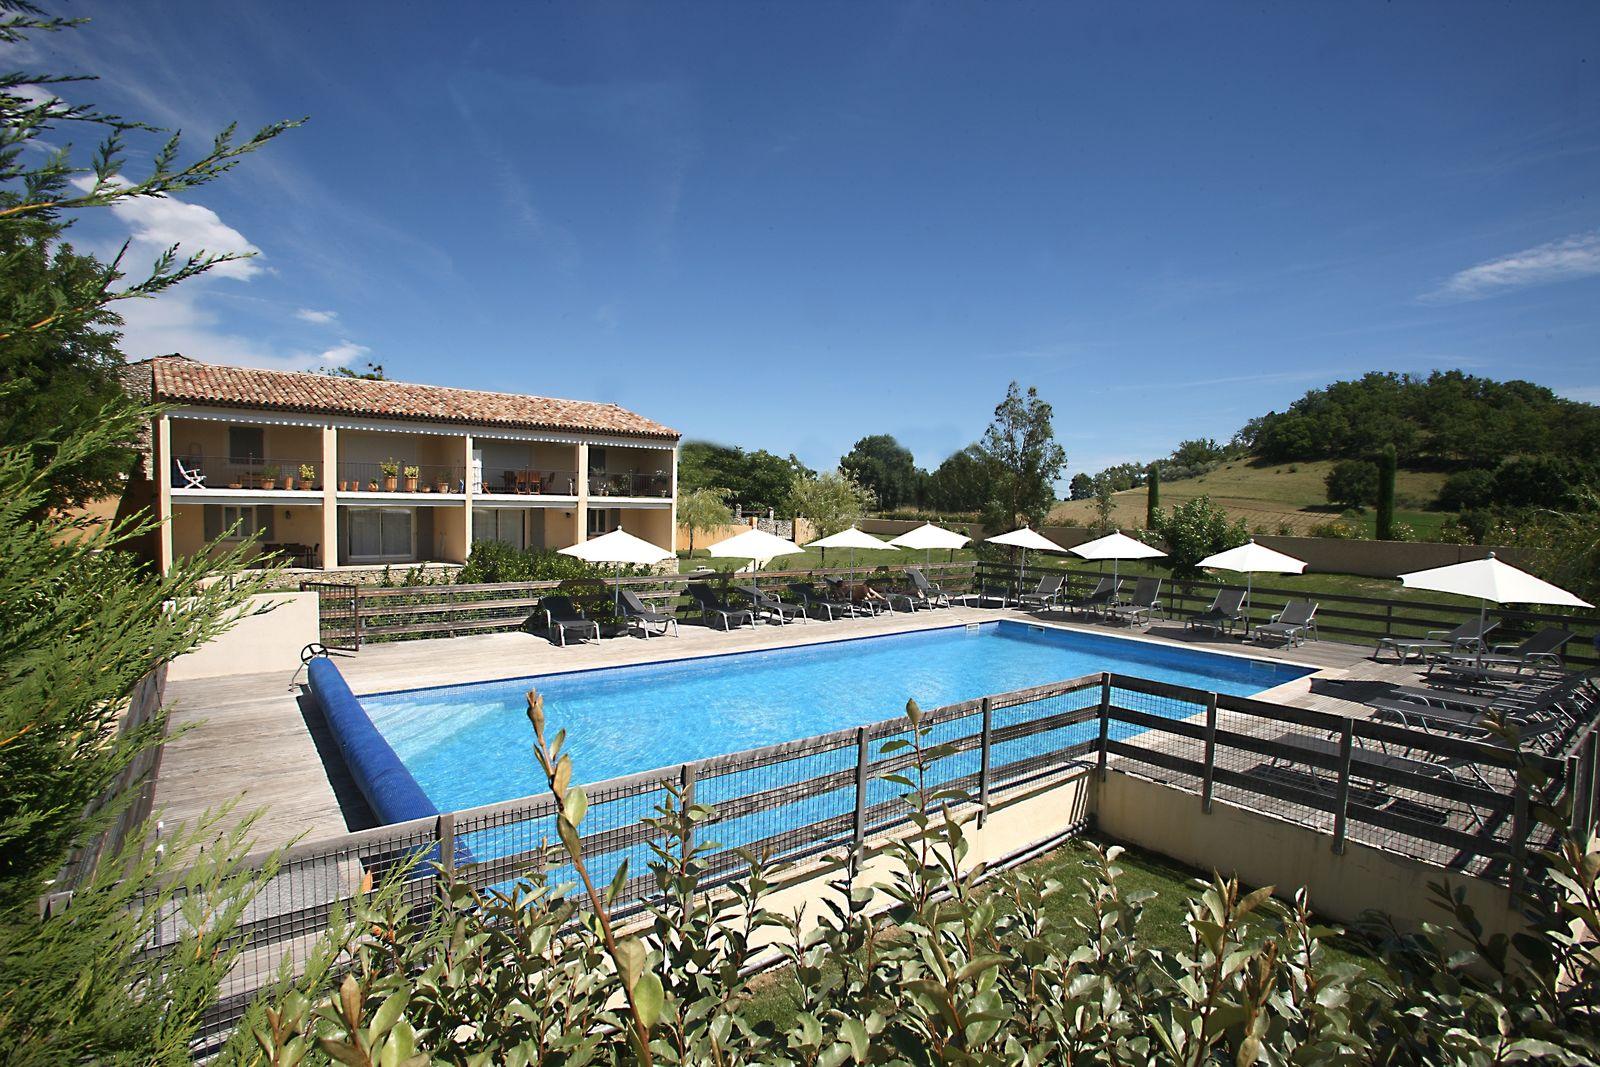 Afbeelding van Appartement T3 Beaudine Provence - vakantie Zuid-Frankrijk